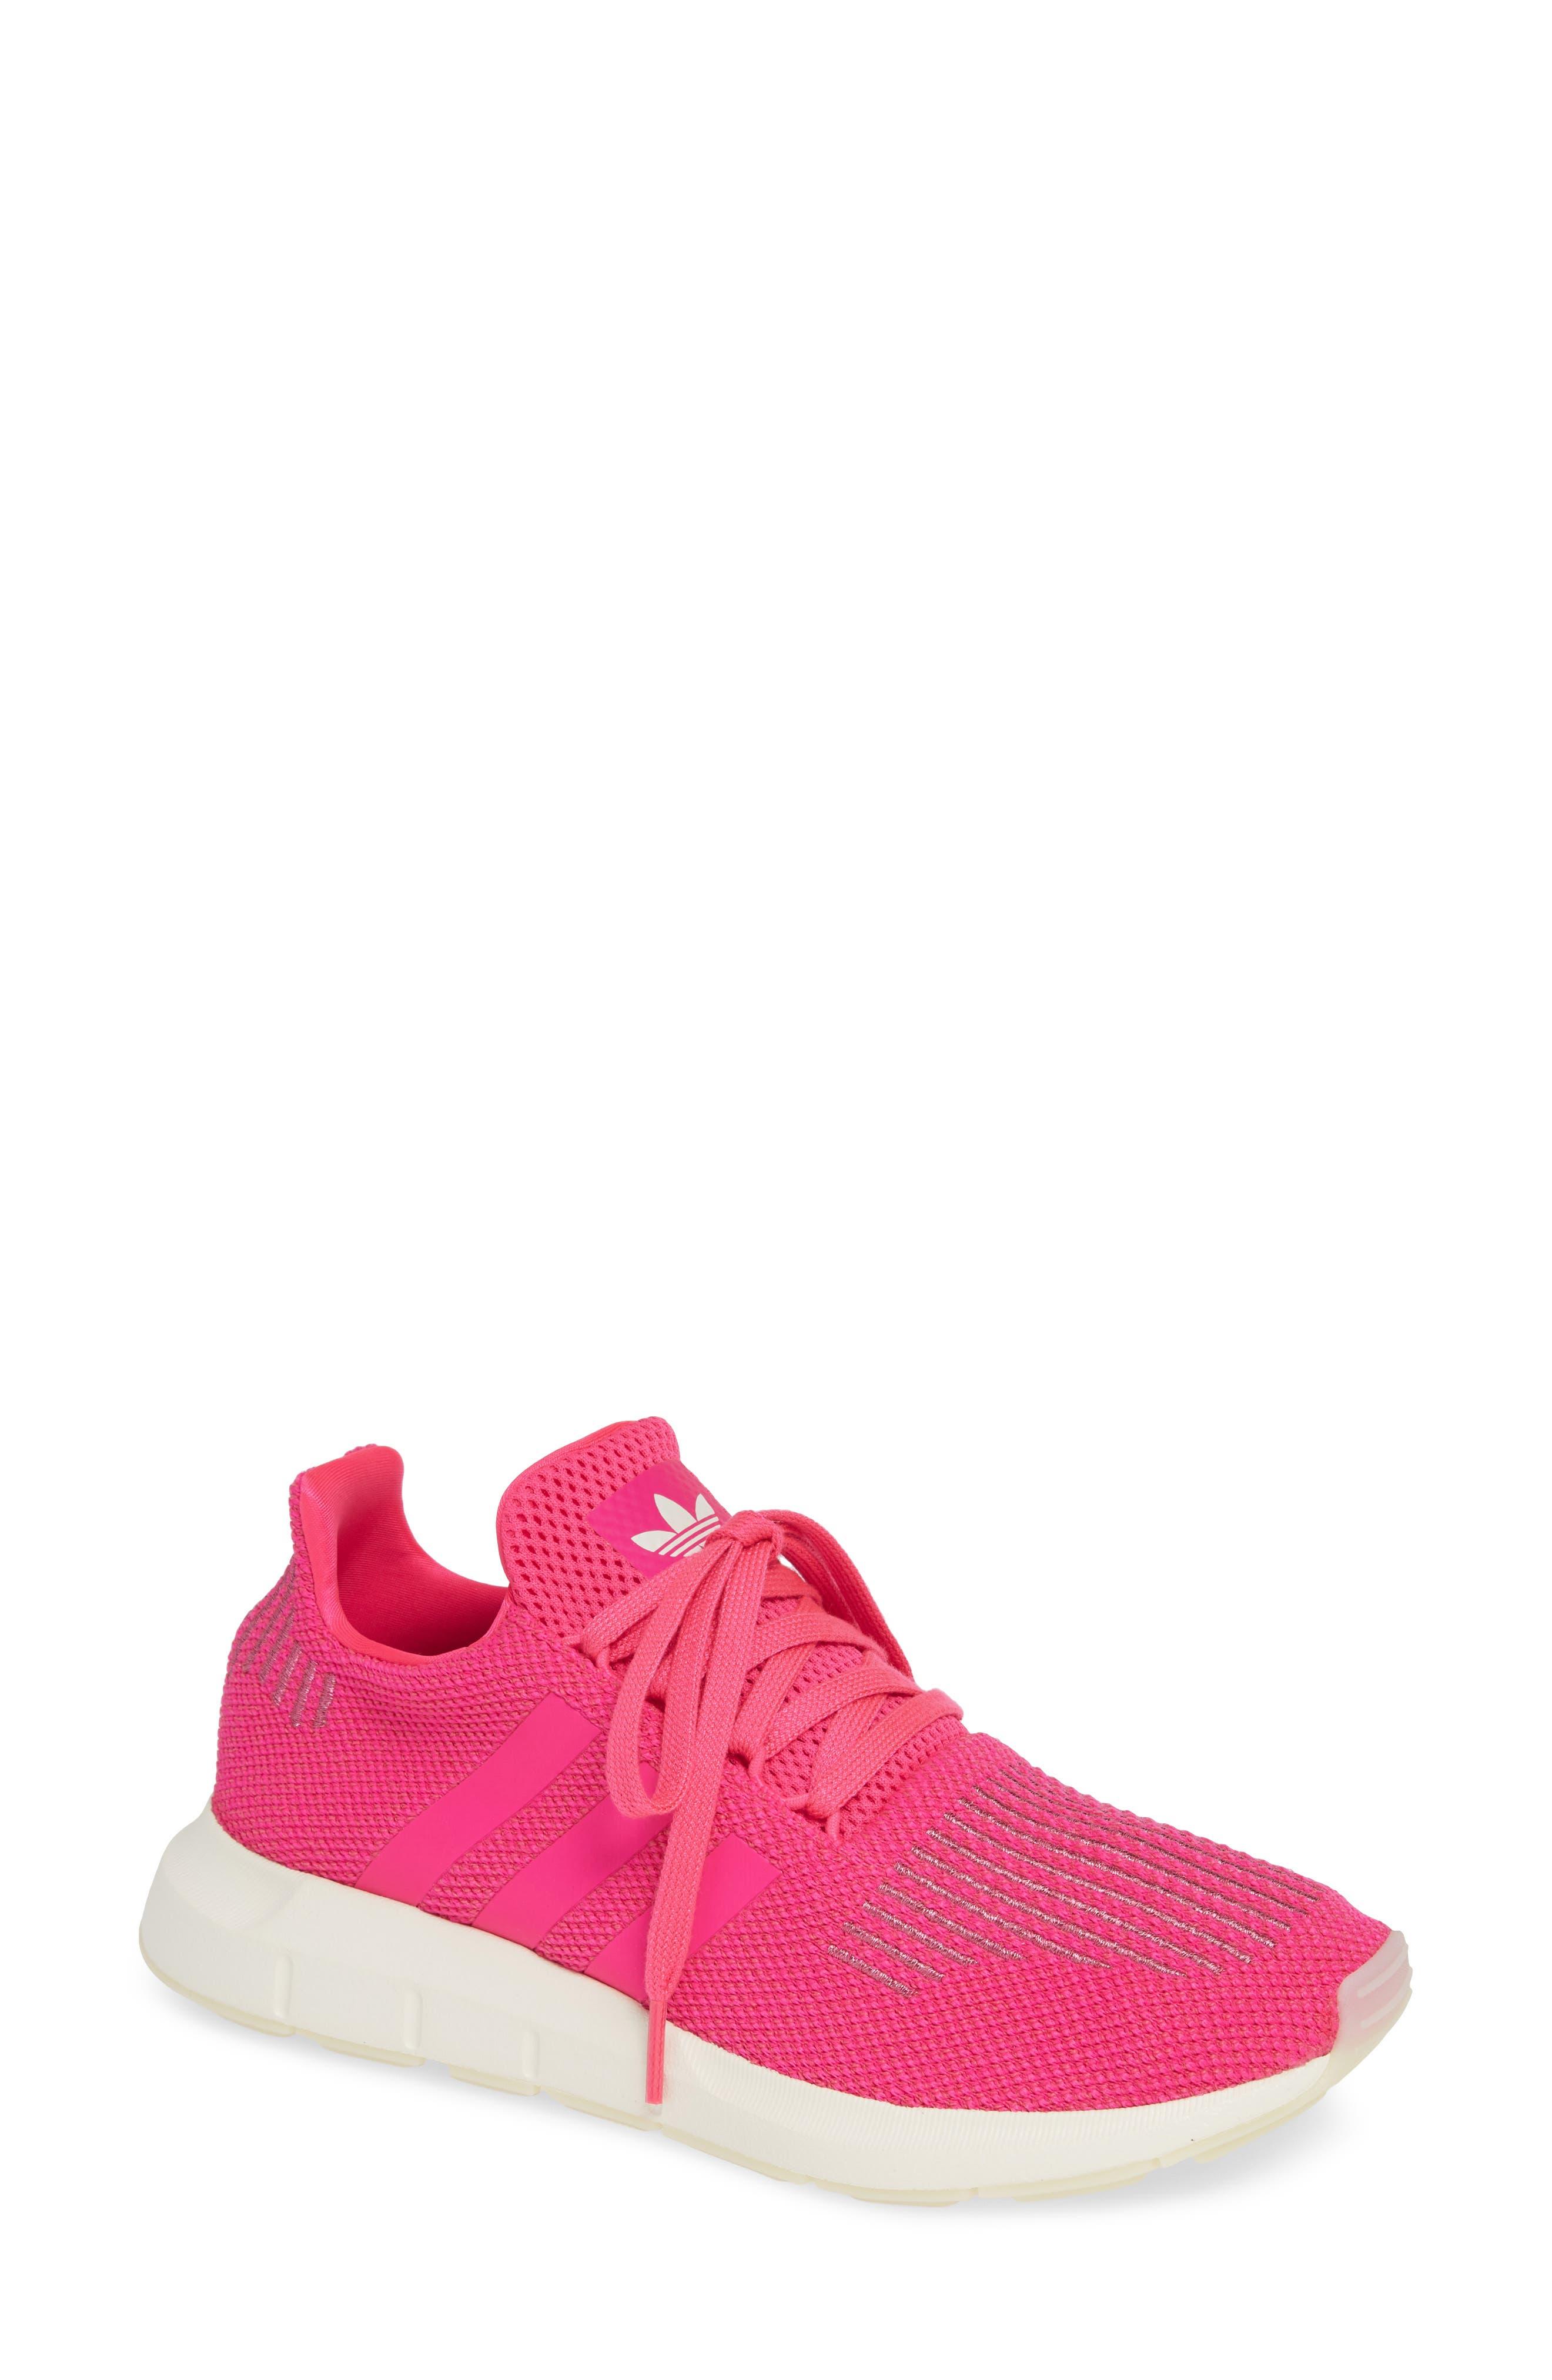 adidas gazelle rose promo